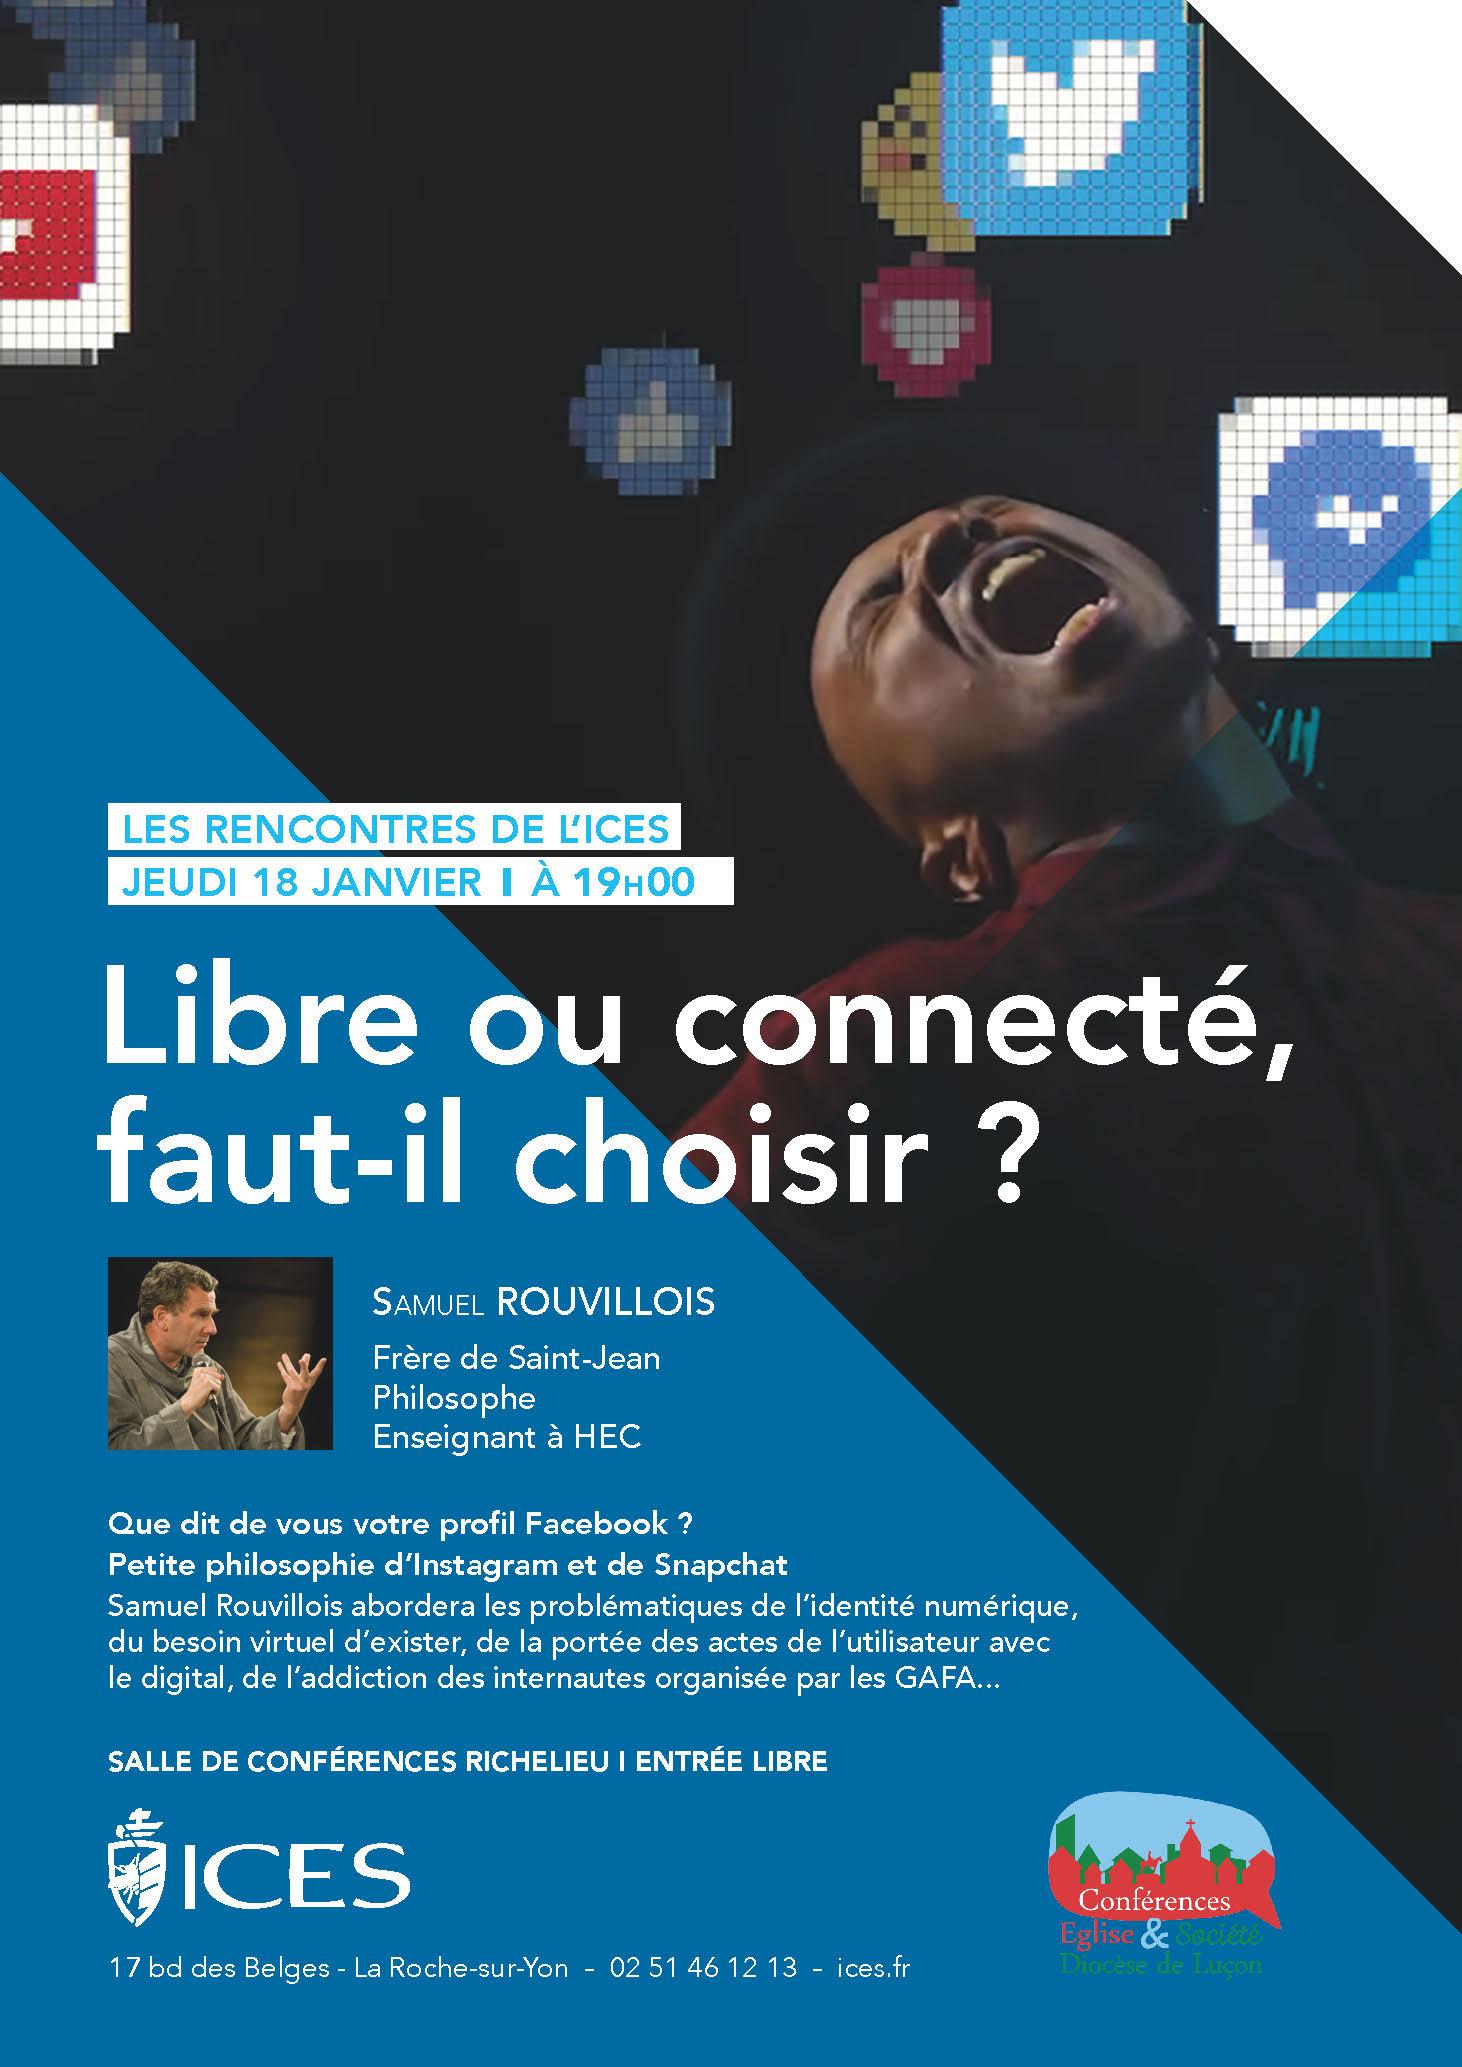 """Conférence: """"Libre ou connecté, faut-il choisir?"""" – Samuel ROUVILLOIS – 18 janvier 2018 – La Roche-sur-Yon (85)"""